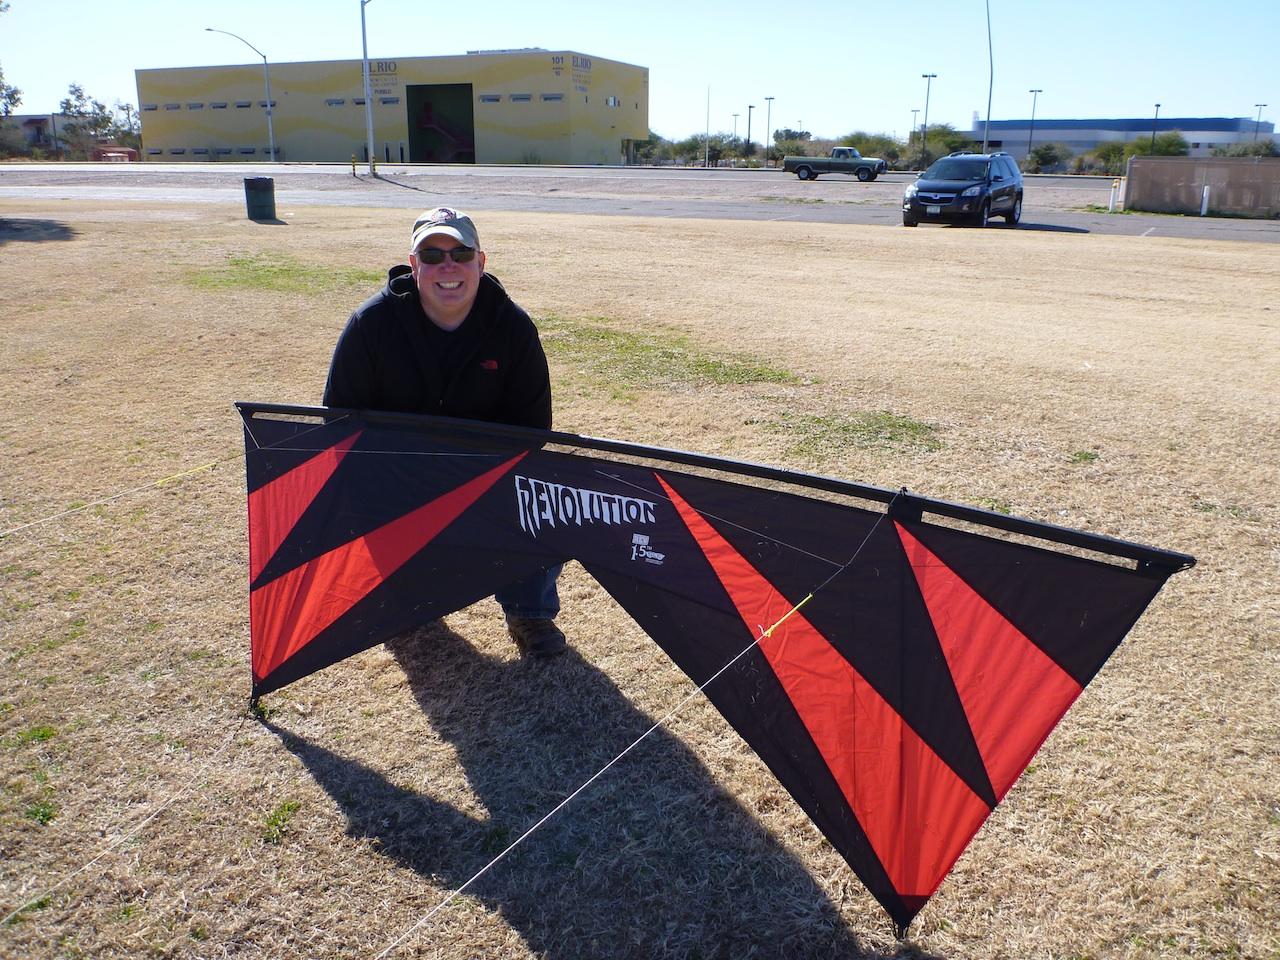 David And His New Stunt Kite